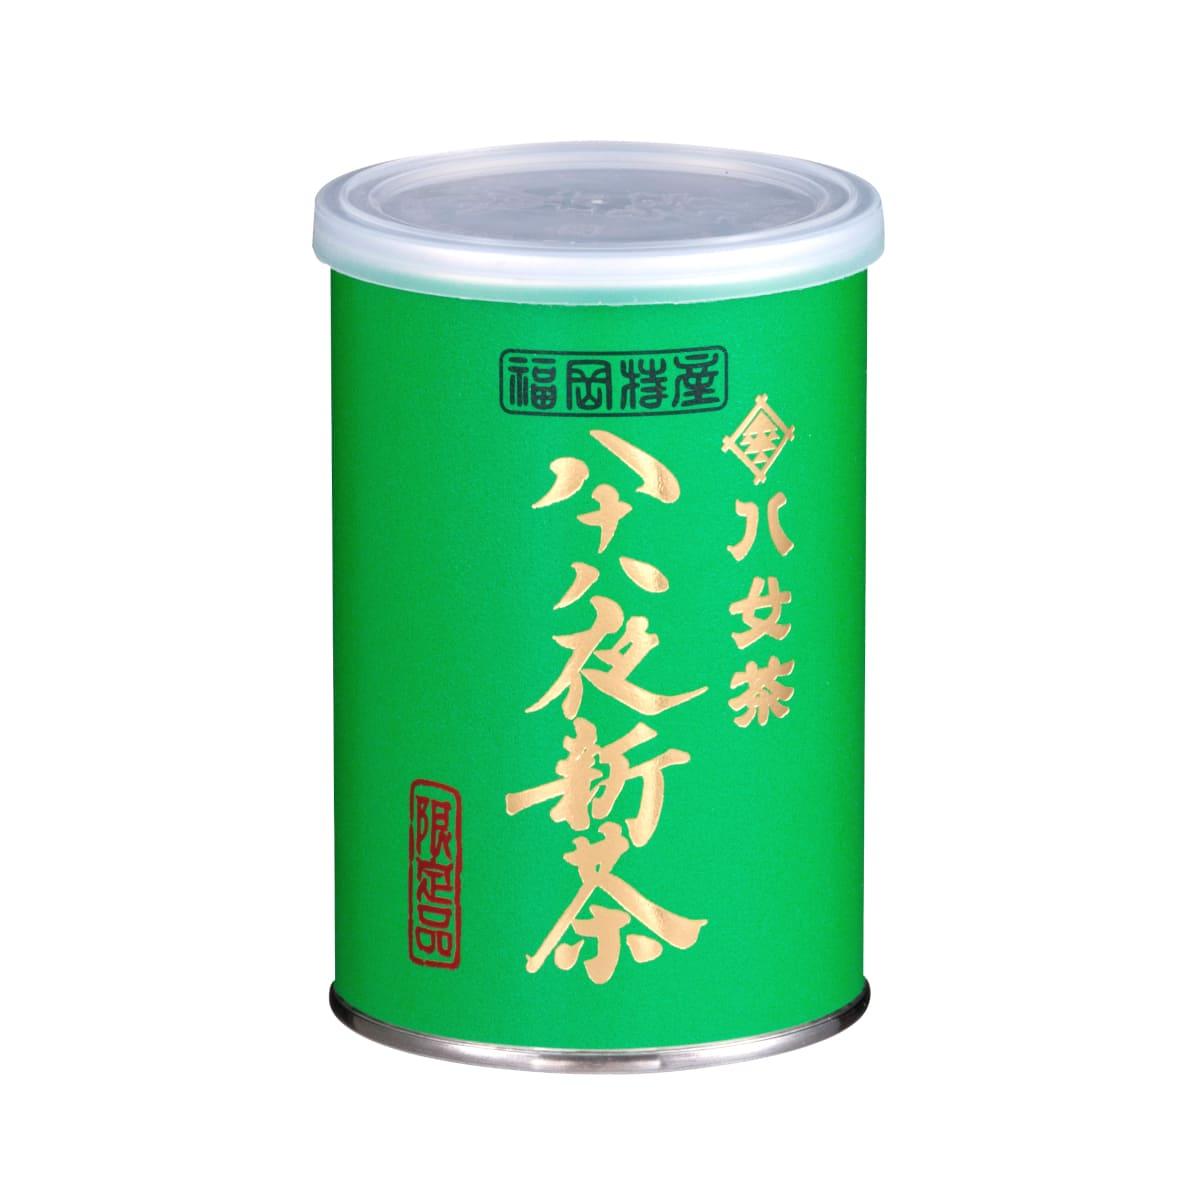 【1・ア】八十八夜新茶(缶)